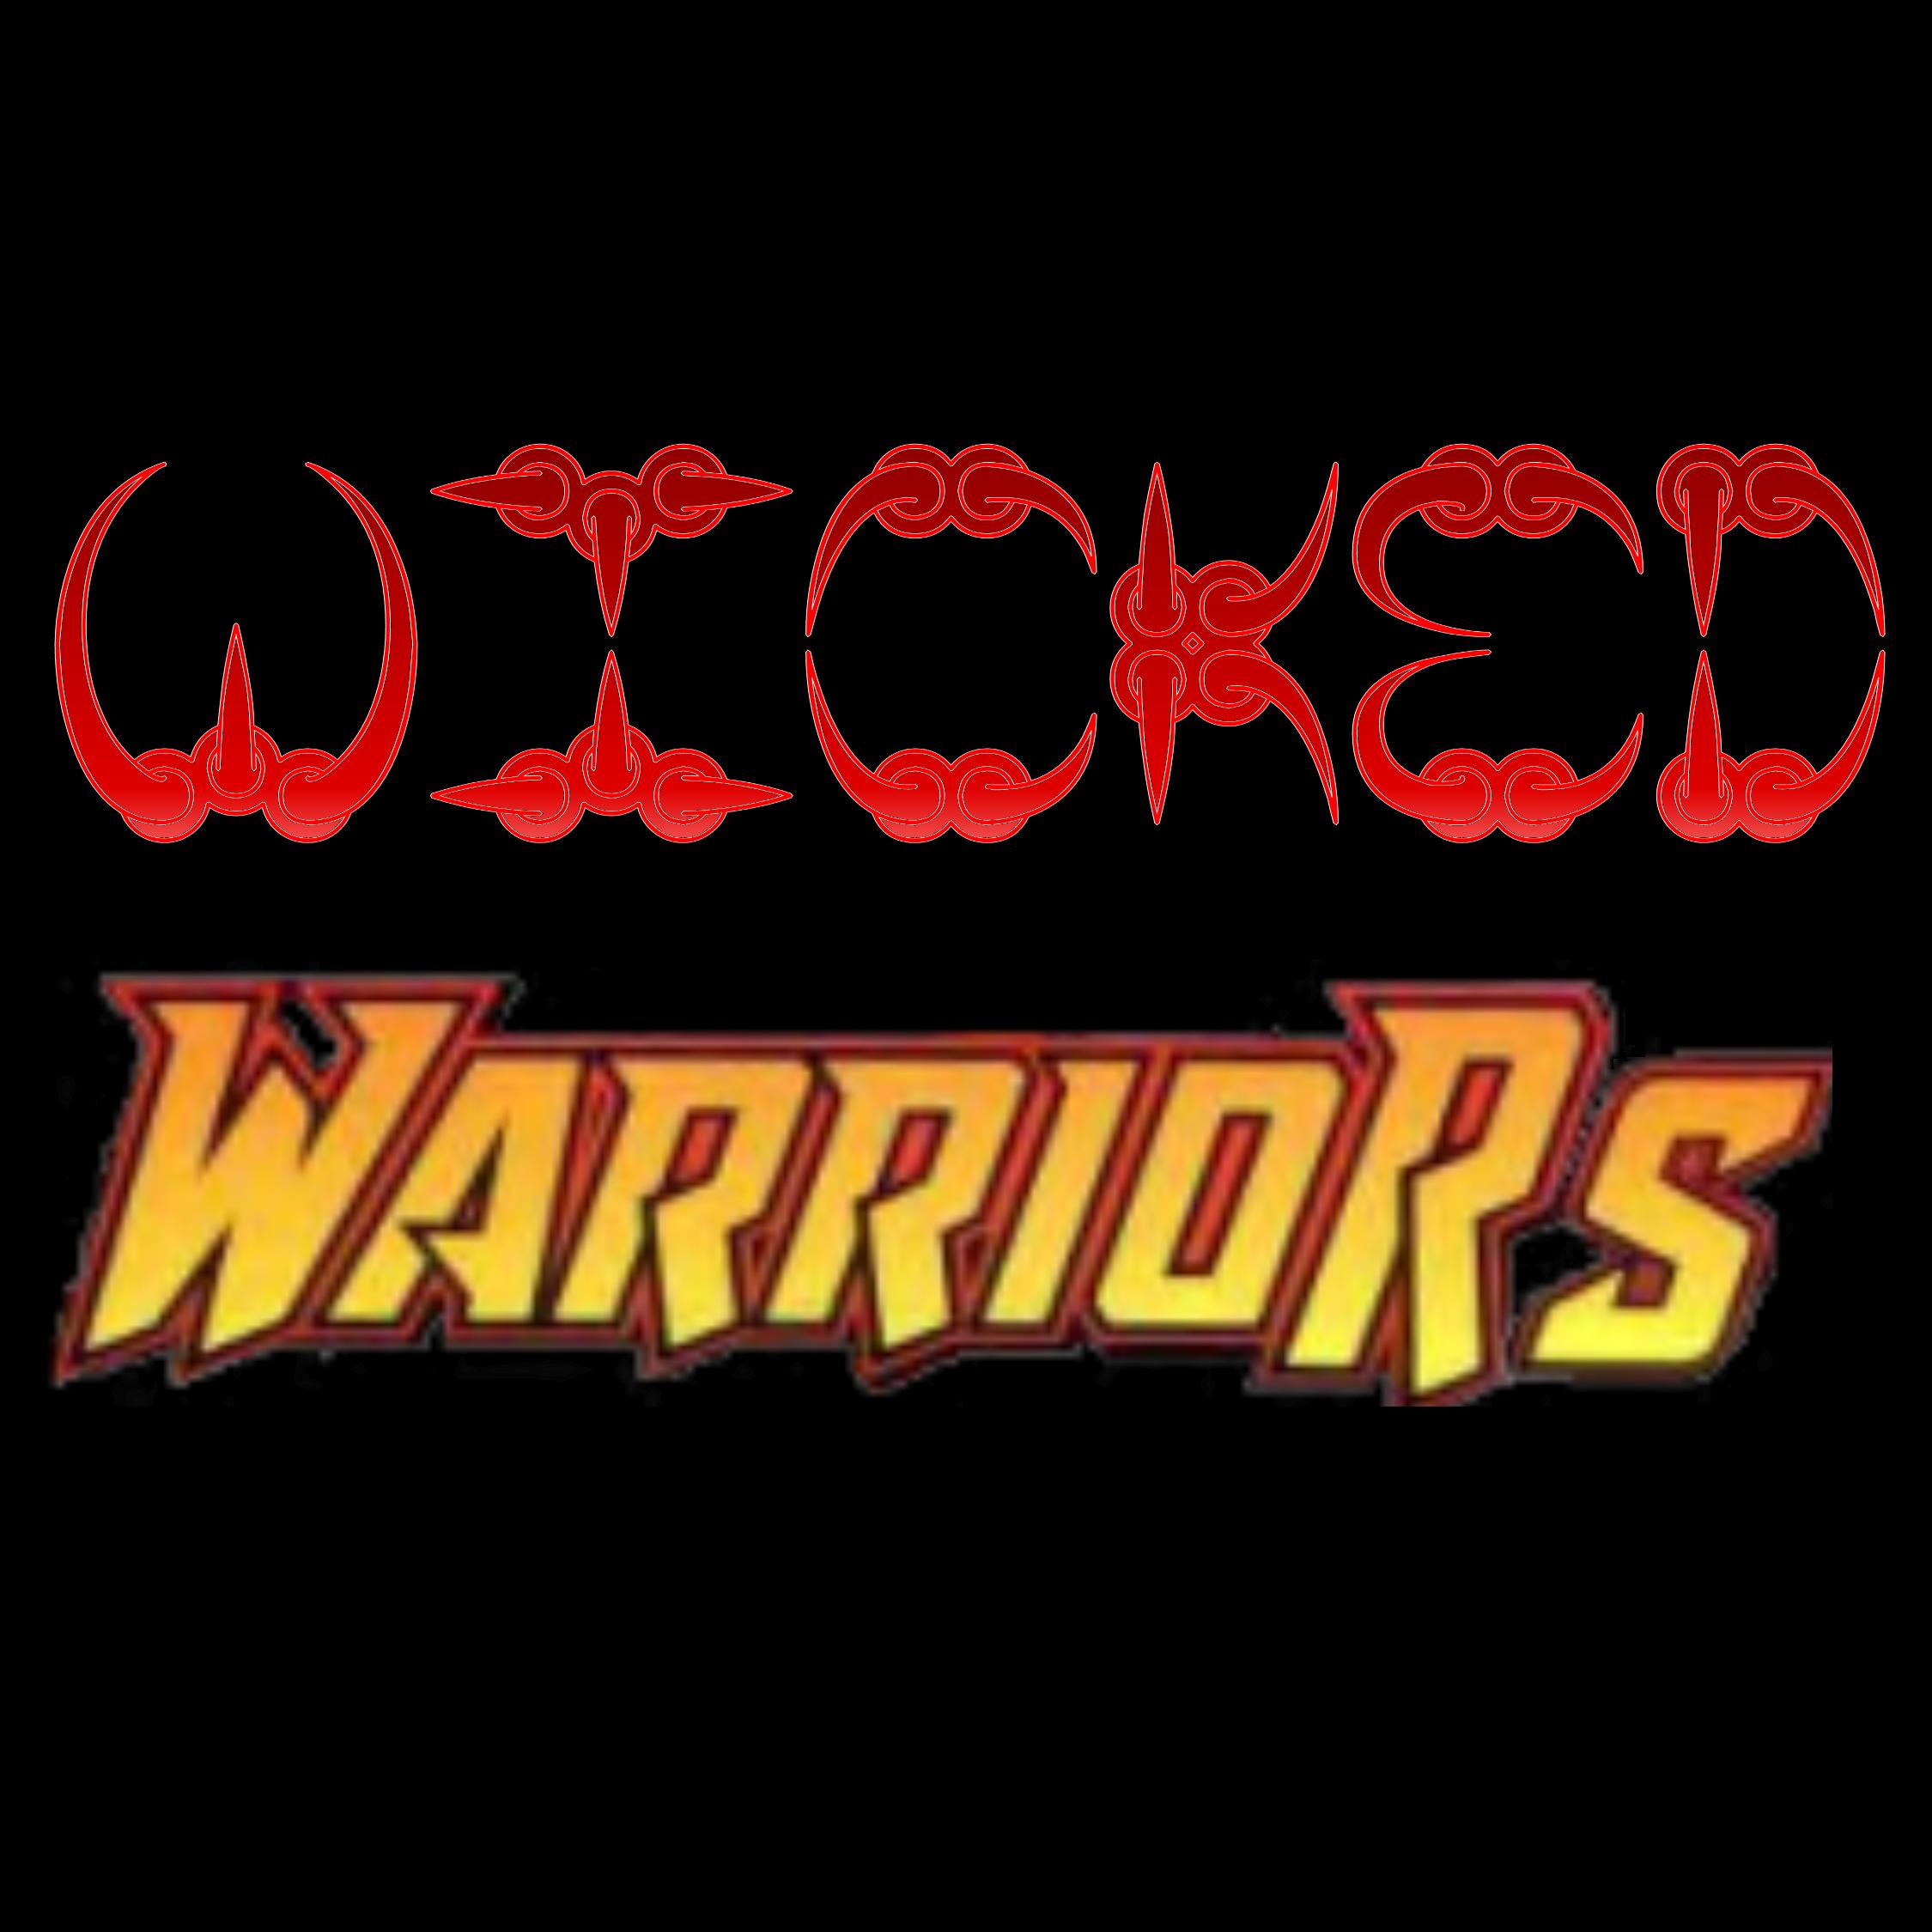 Wicked Warriors DJ stream